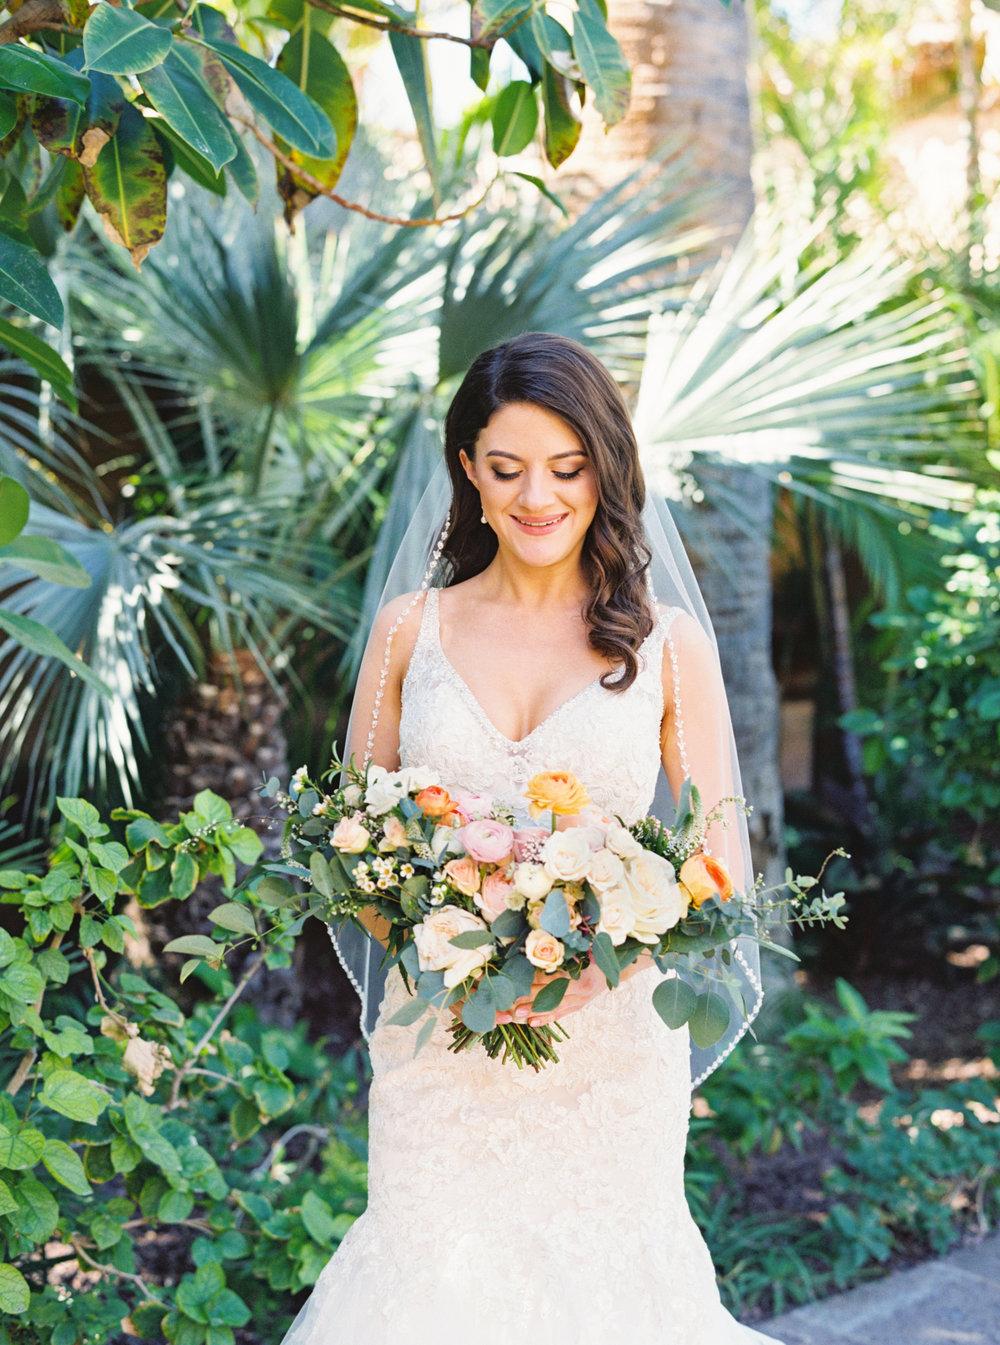 BrideGroom-11-3.jpg